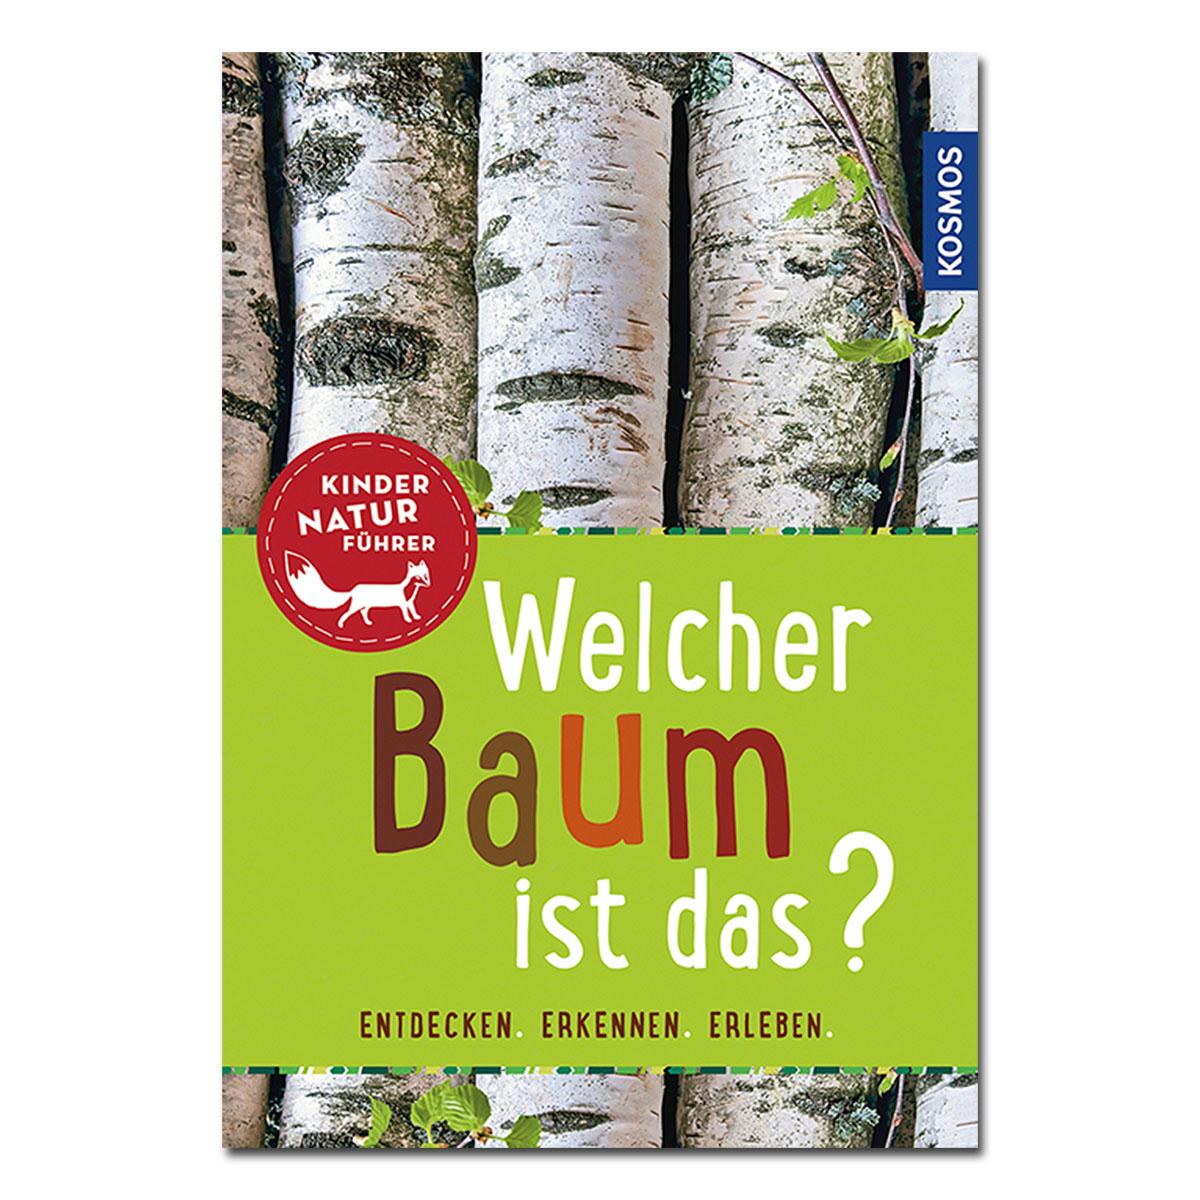 Kinder-Naturführer: Welcher Baum ist das? im Pareyshop